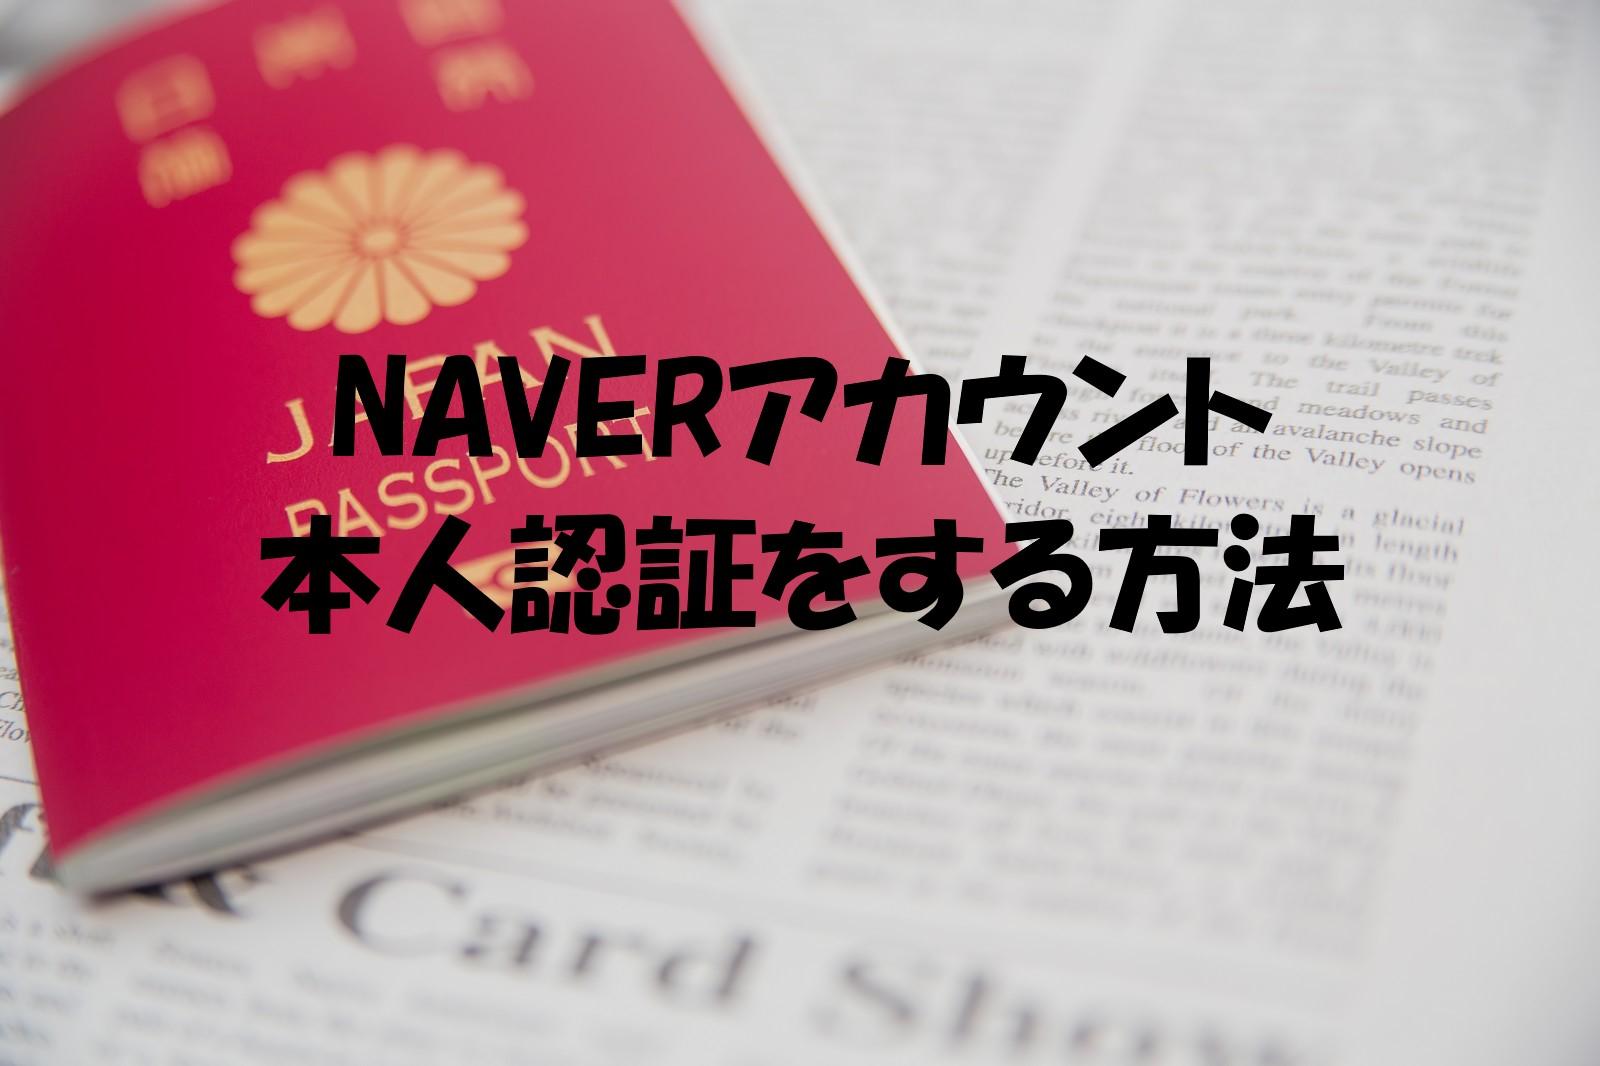 NAVERアカウント、本人確認・認証をする方法。パスポートをご準備ください。